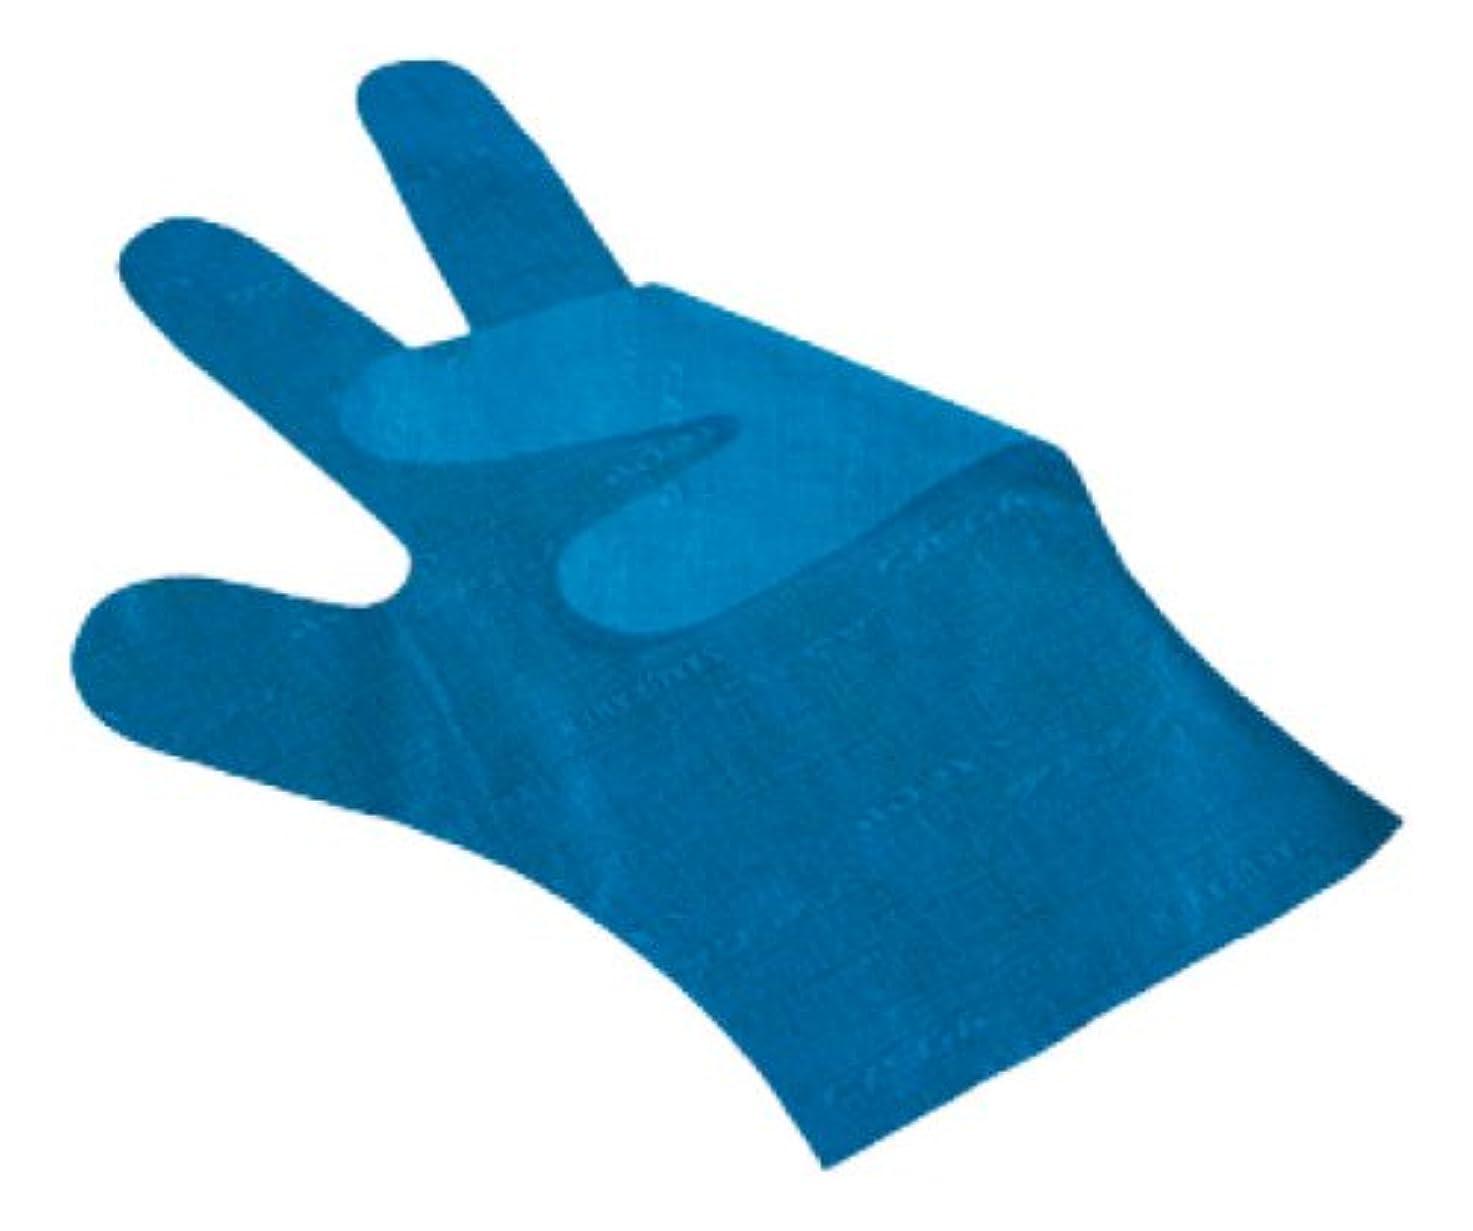 狂った教育距離サクラメン手袋 デラックス(100枚入)S ブルー 35μ